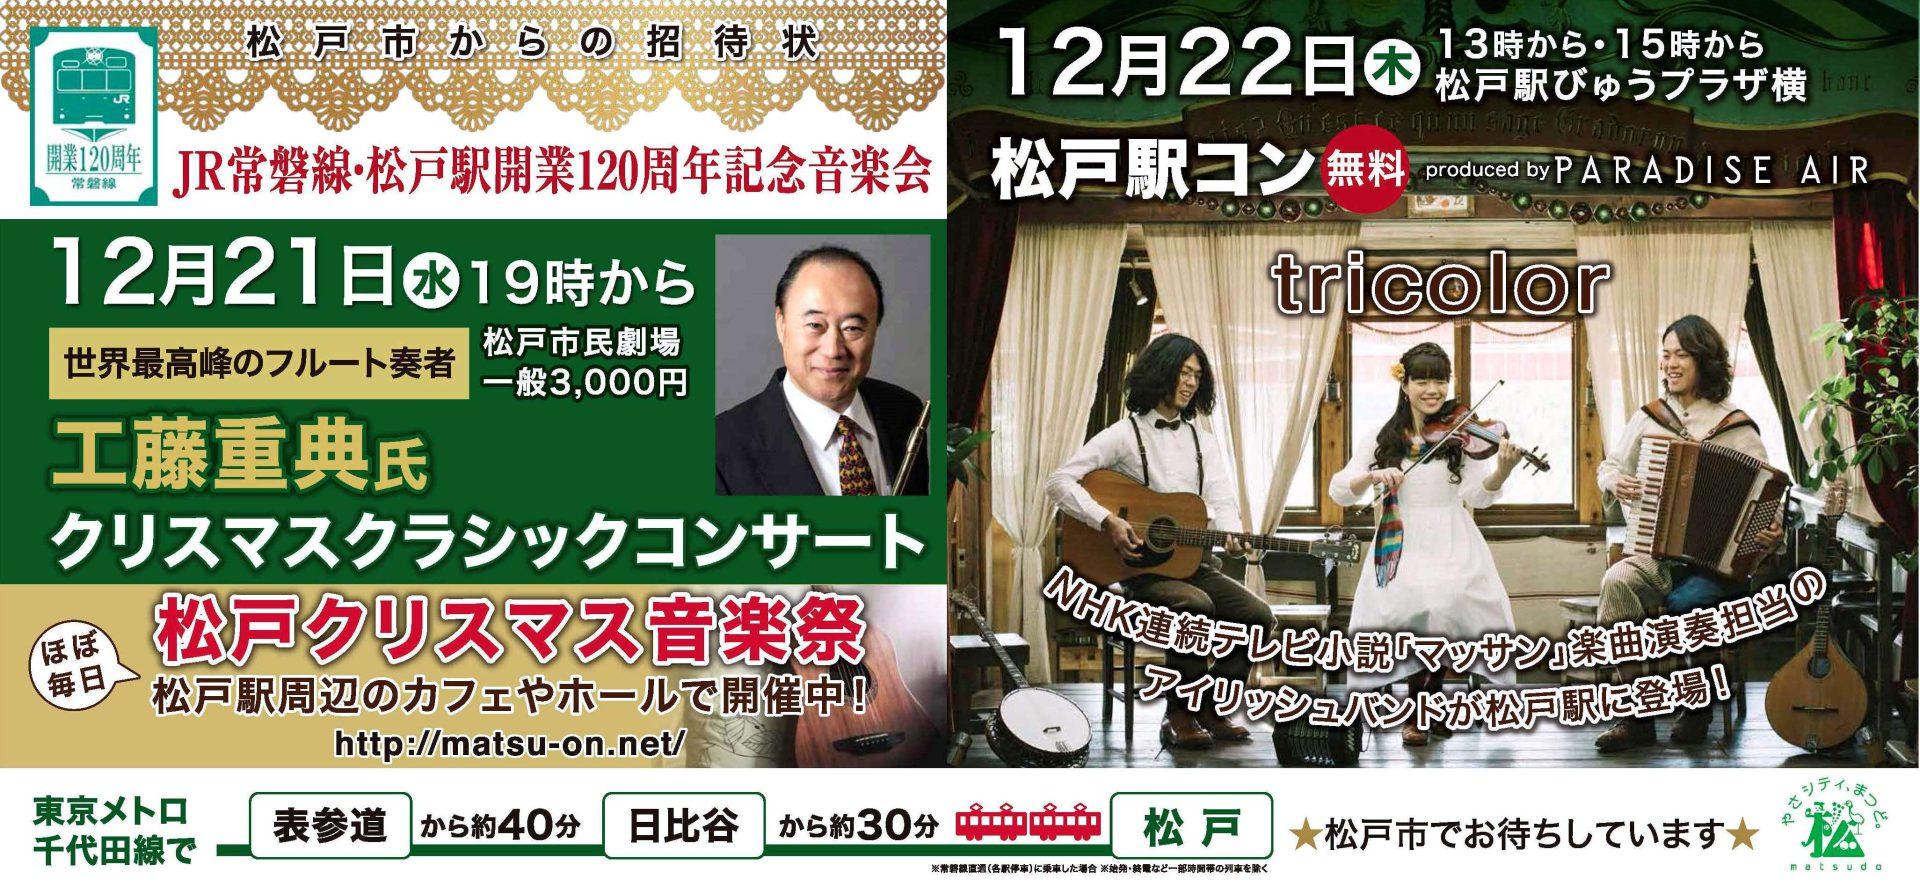 松戸駅120周年PR_千代田線窓上ポスター